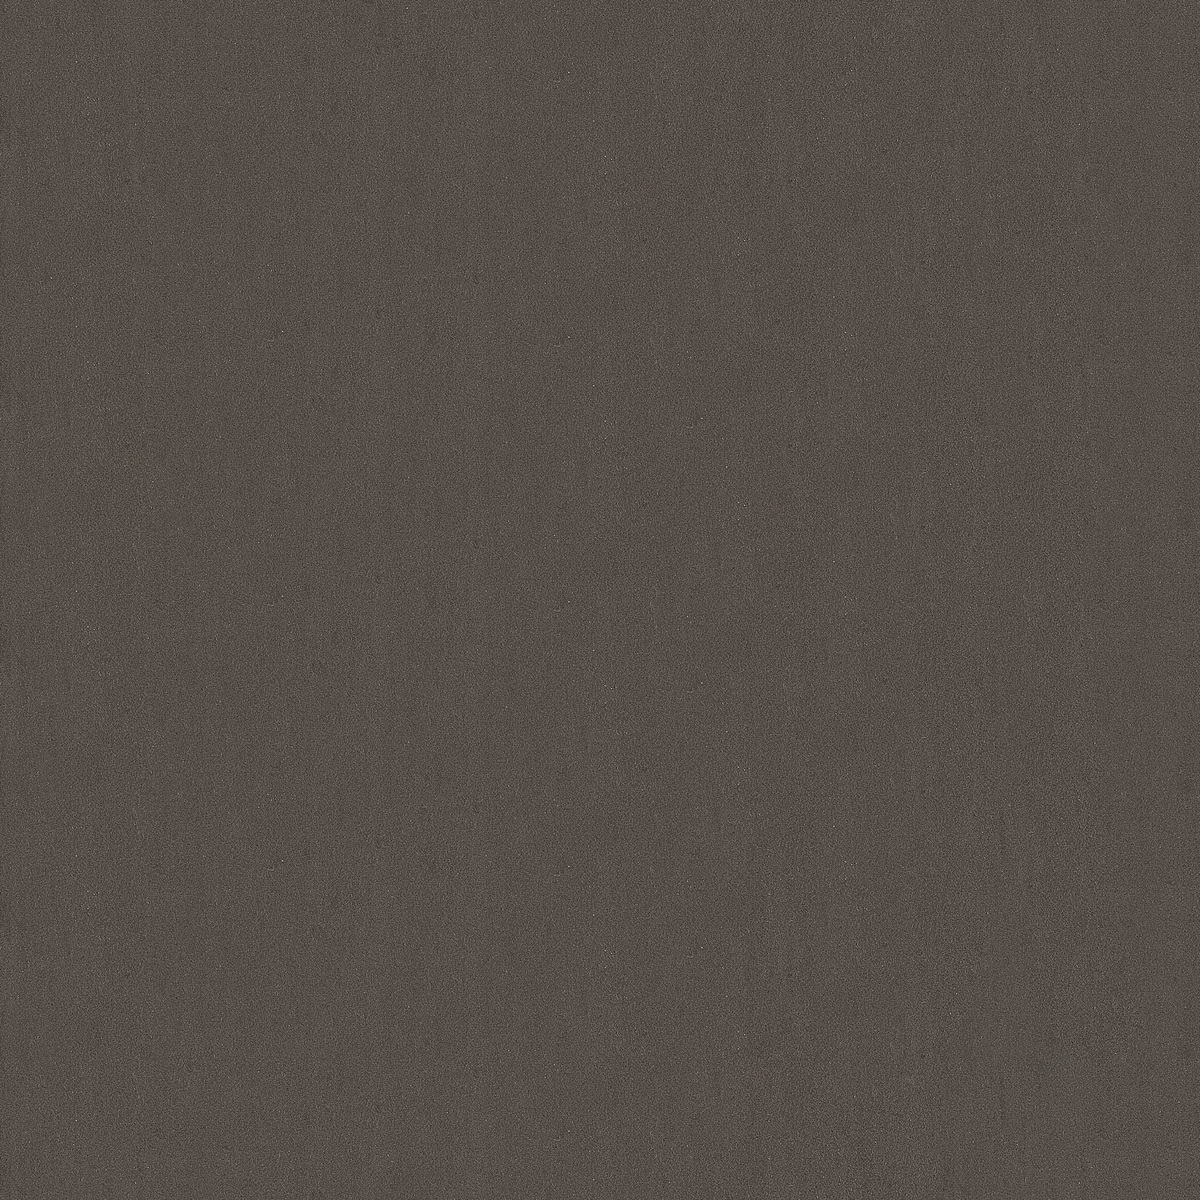 瓷磚 - 摩卡系列 - 啞面黑 300x600mm (8塊)